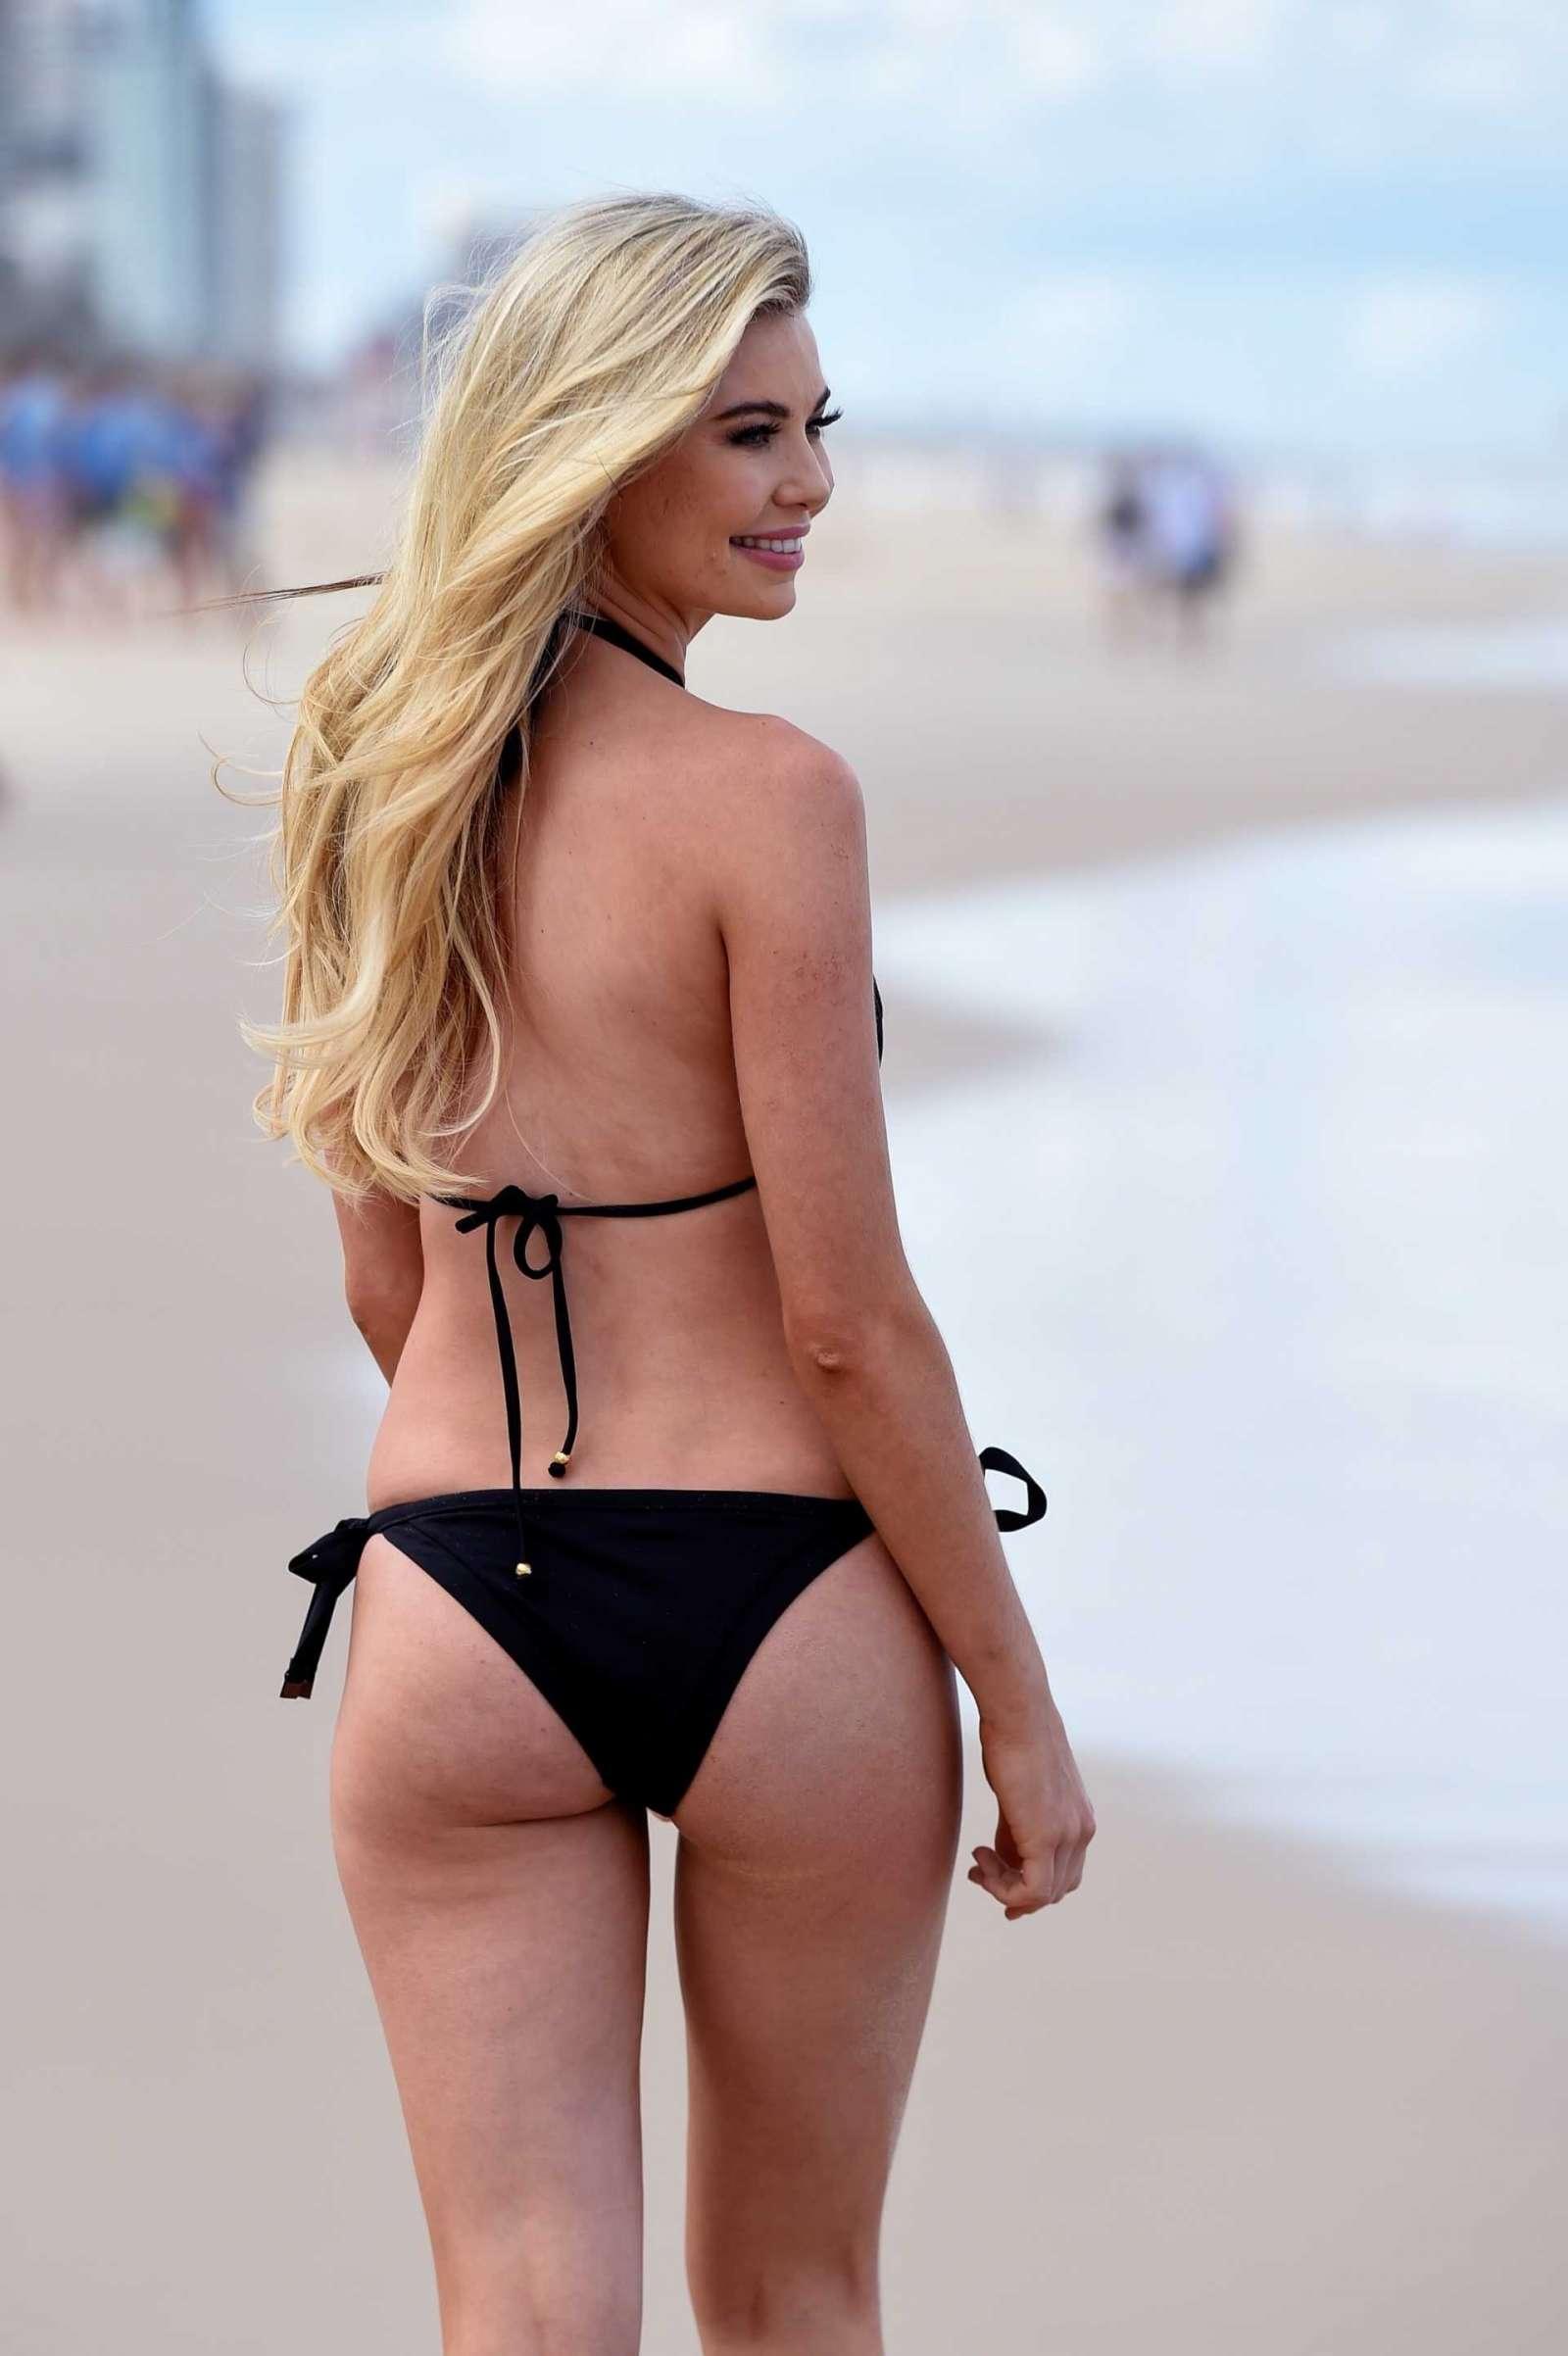 Georgia Toffolo 2017 : Georgia Toffolo in Black Bikini 2017 -03